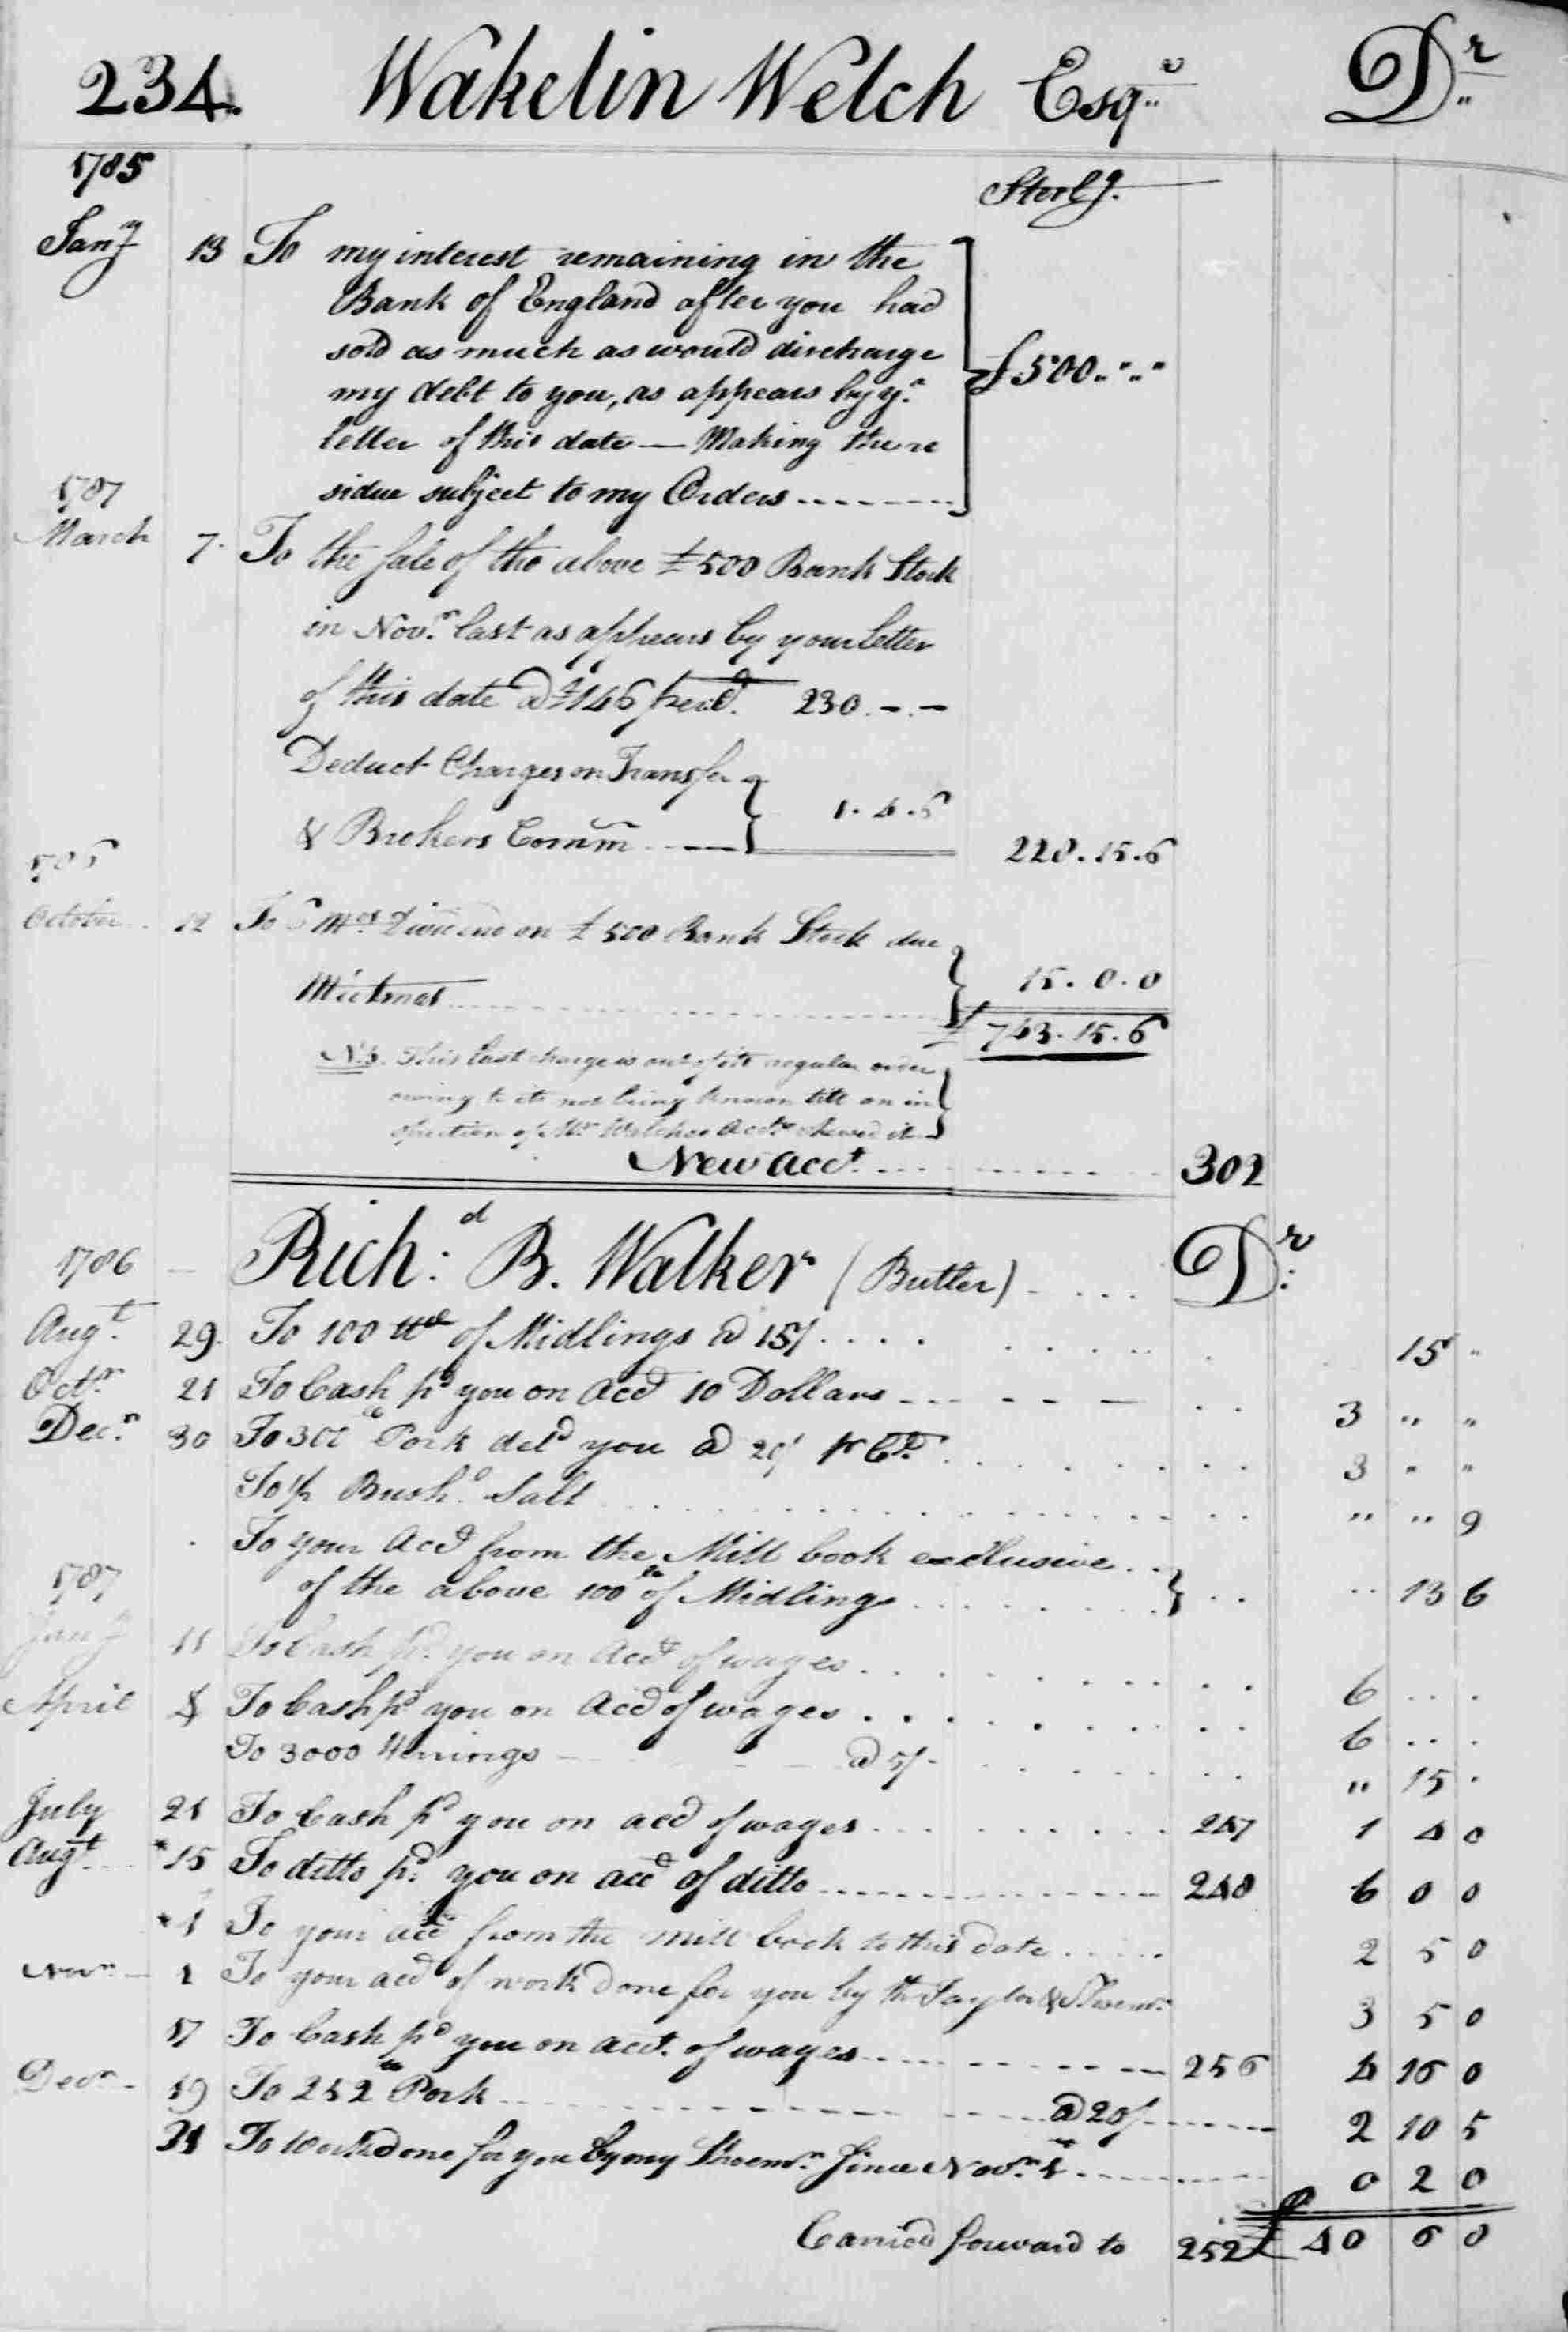 Ledger B, folio 234, left side